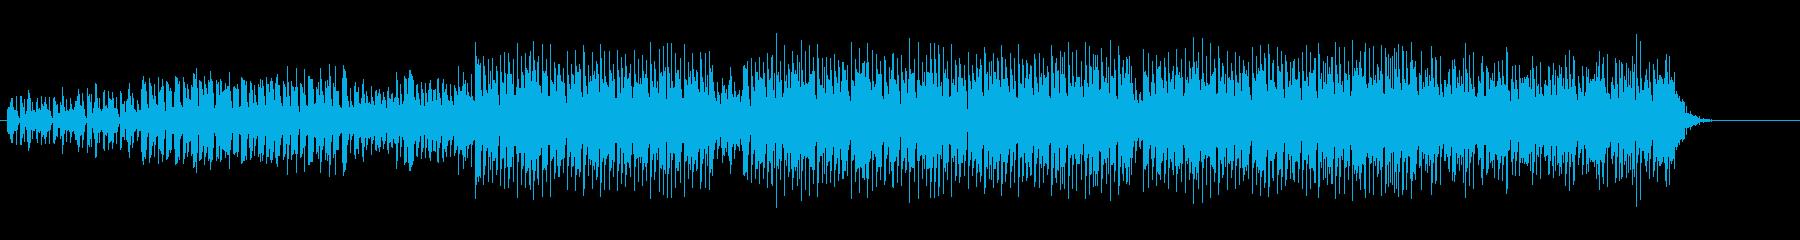 都会の夜のハイパーマイナークラブポップスの再生済みの波形